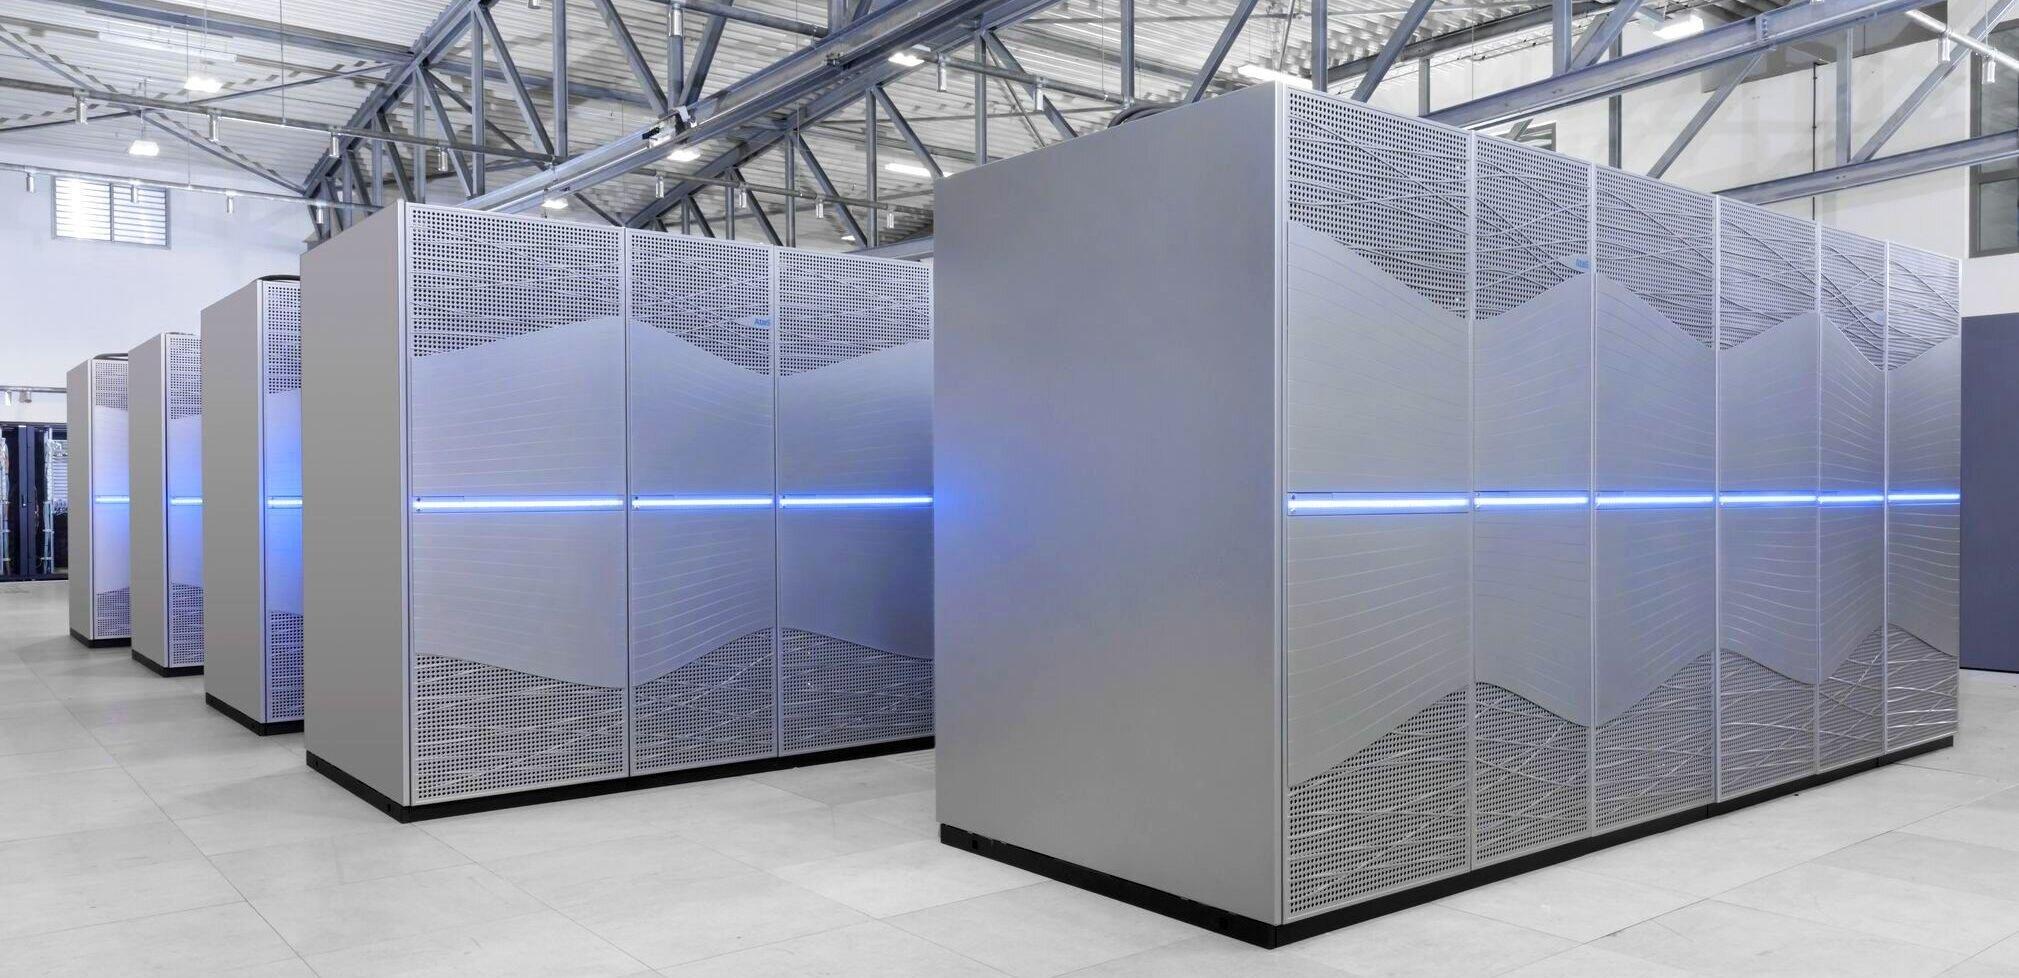 Des GPU A100 (Ampere) de NVIDIA dans six supercalculateurs, Atos annonce son BullSequana X2415